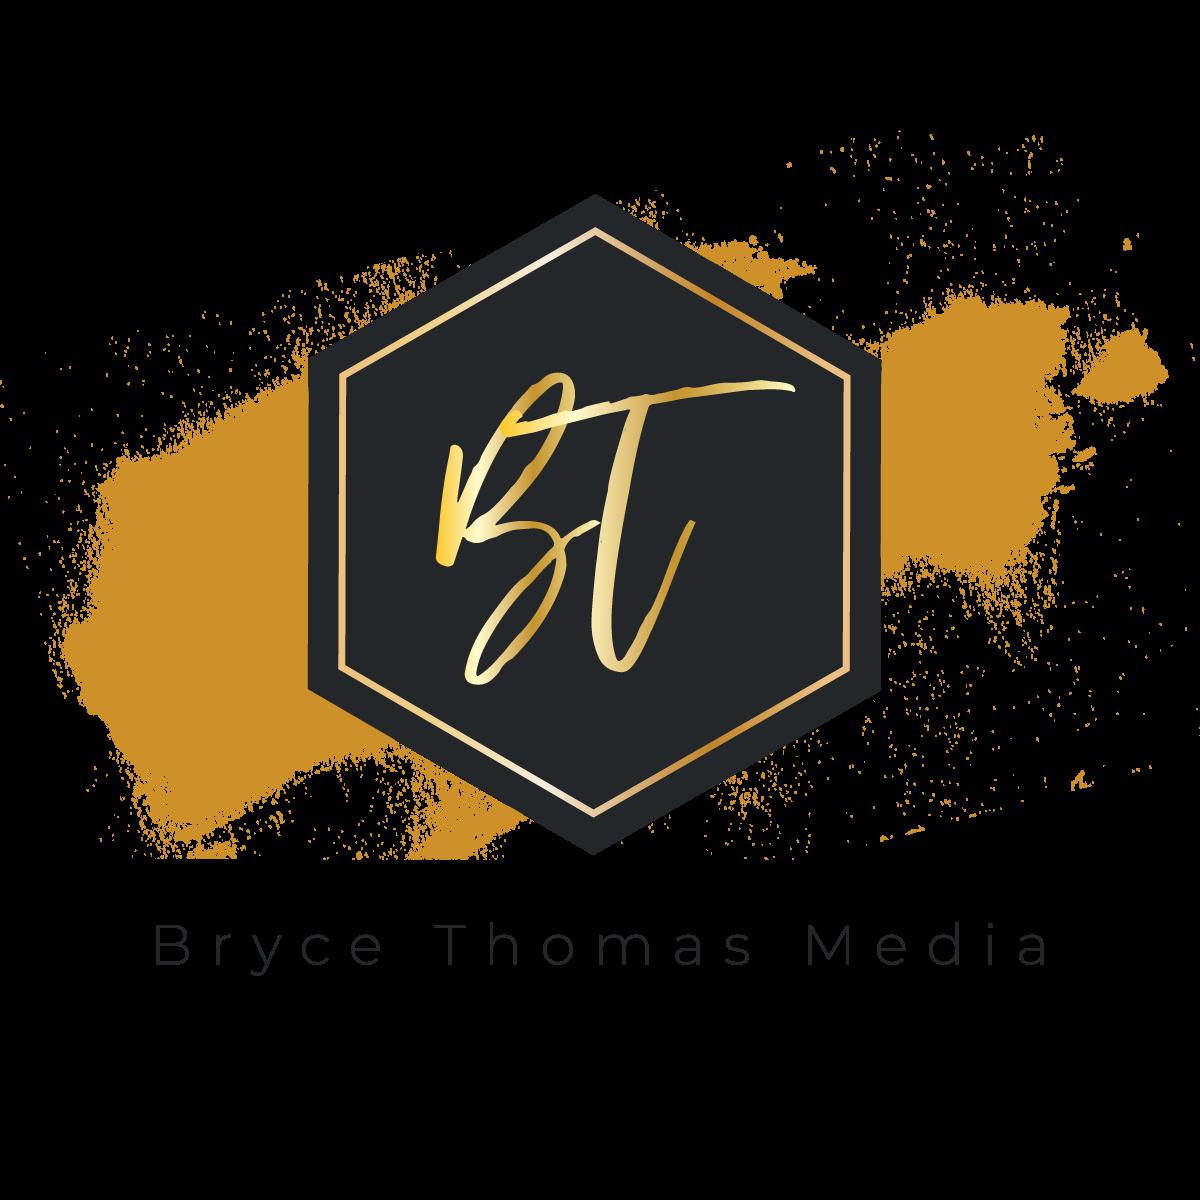 Bryce Thomas